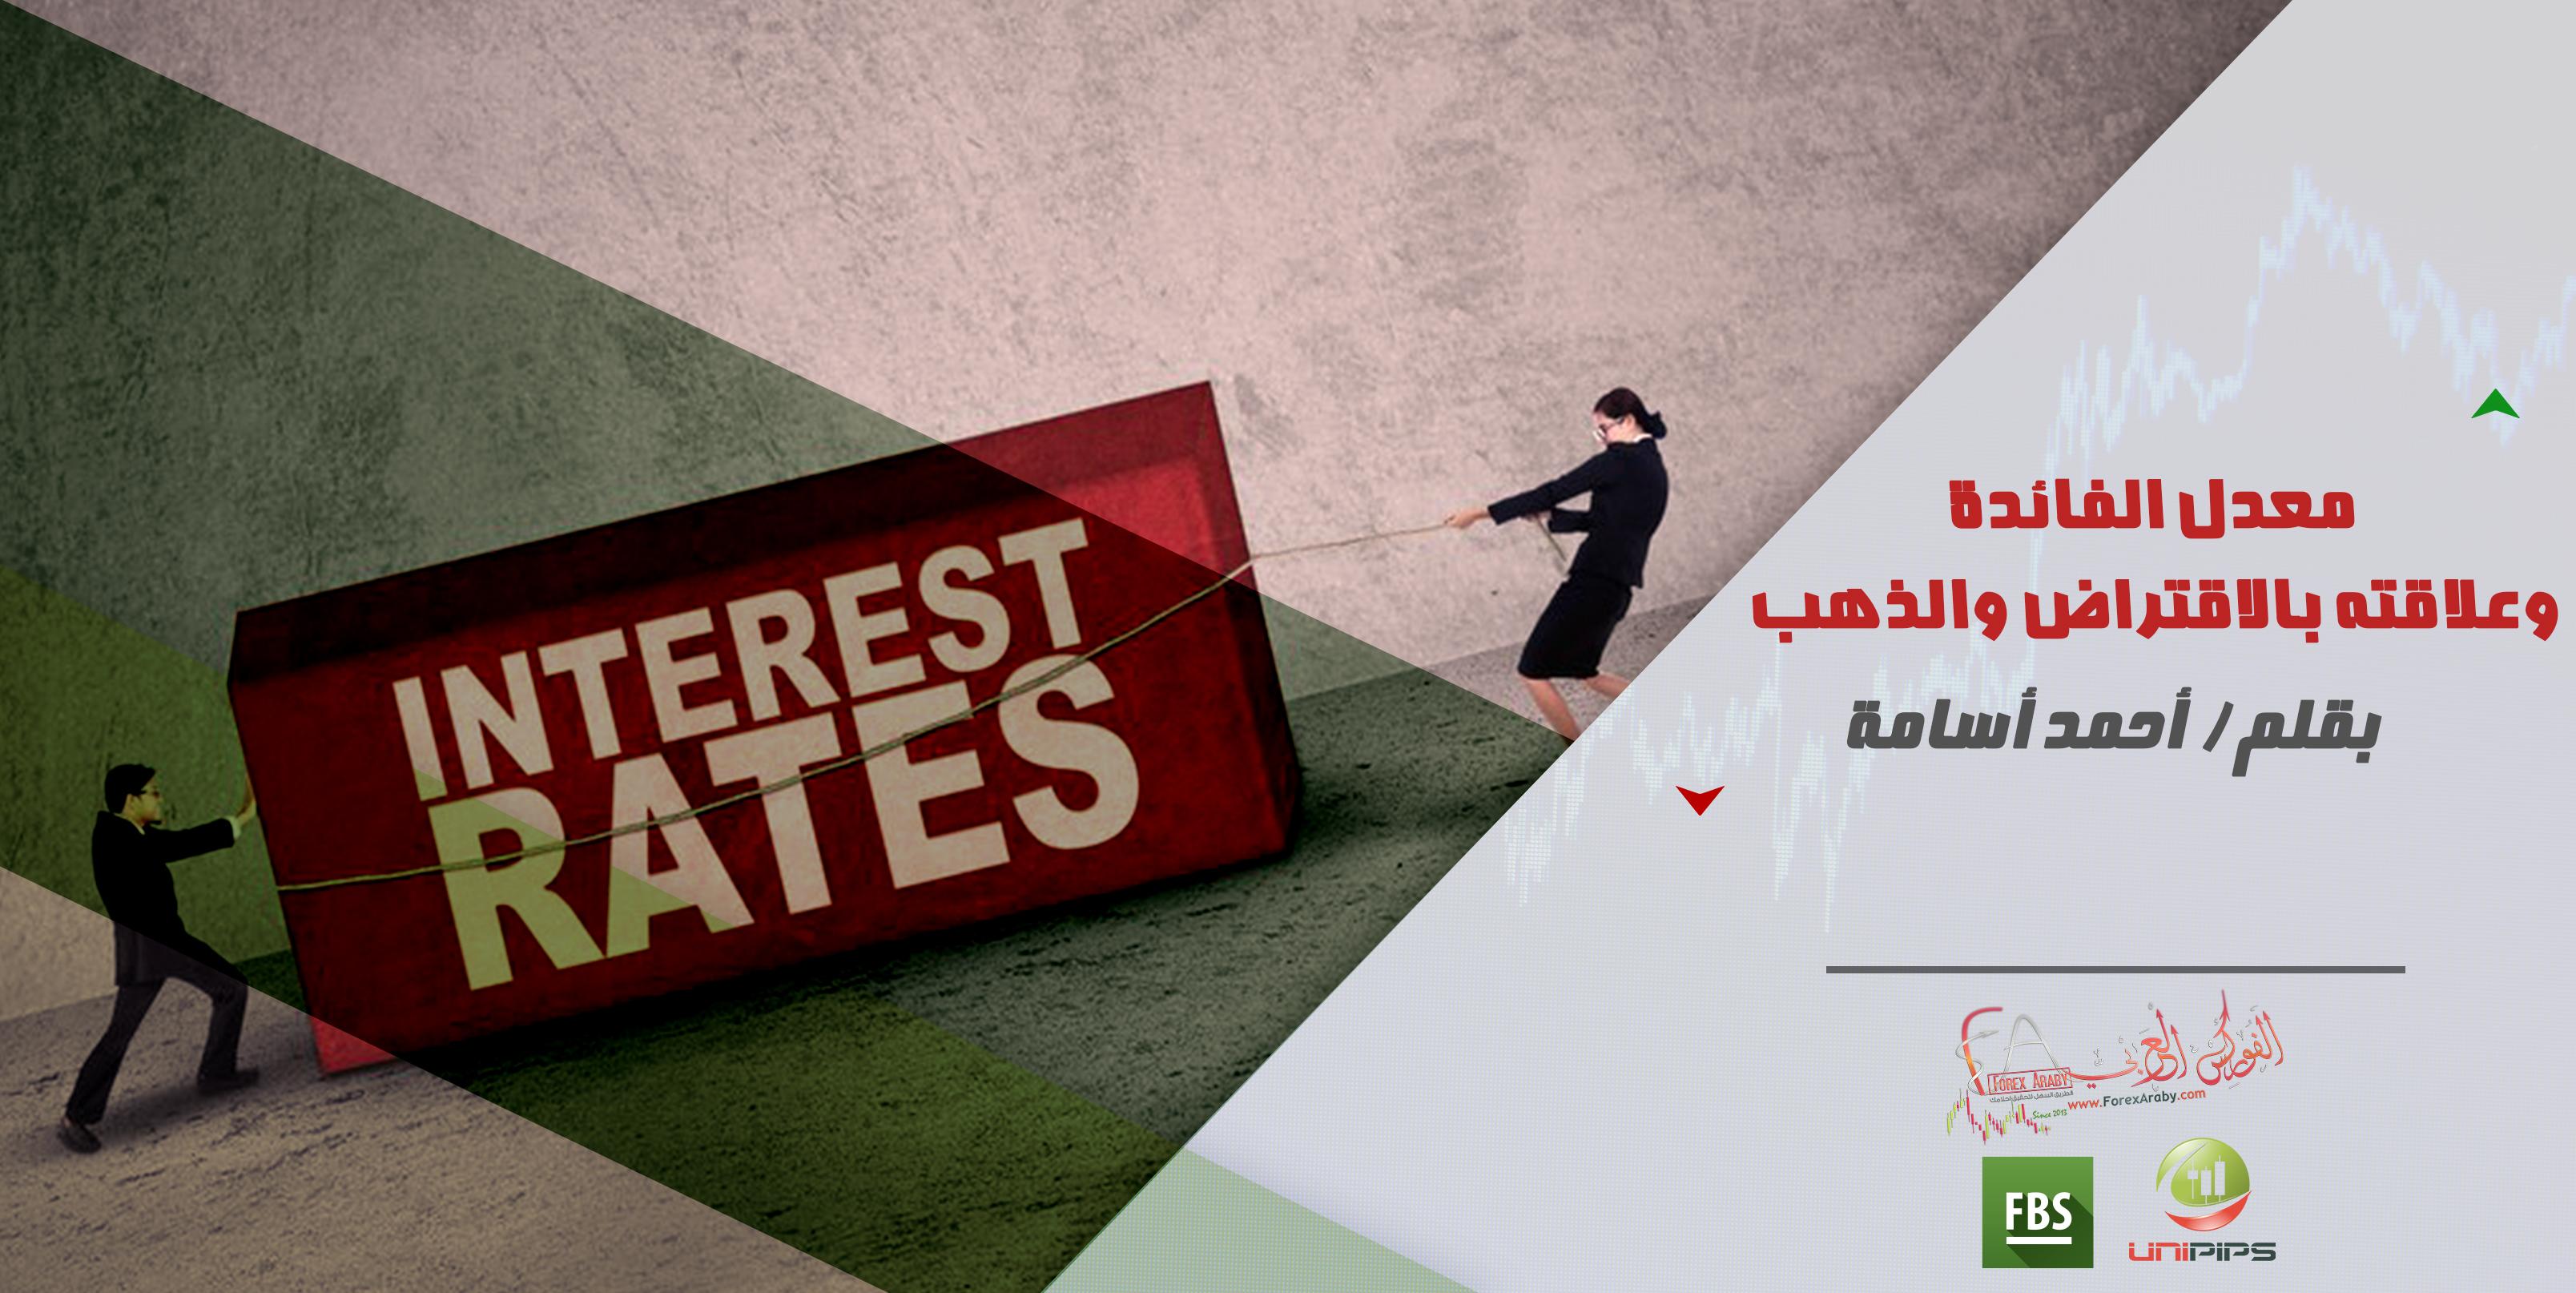 معدلات الفائدة وعلاقتها بالاقتراض والذهب